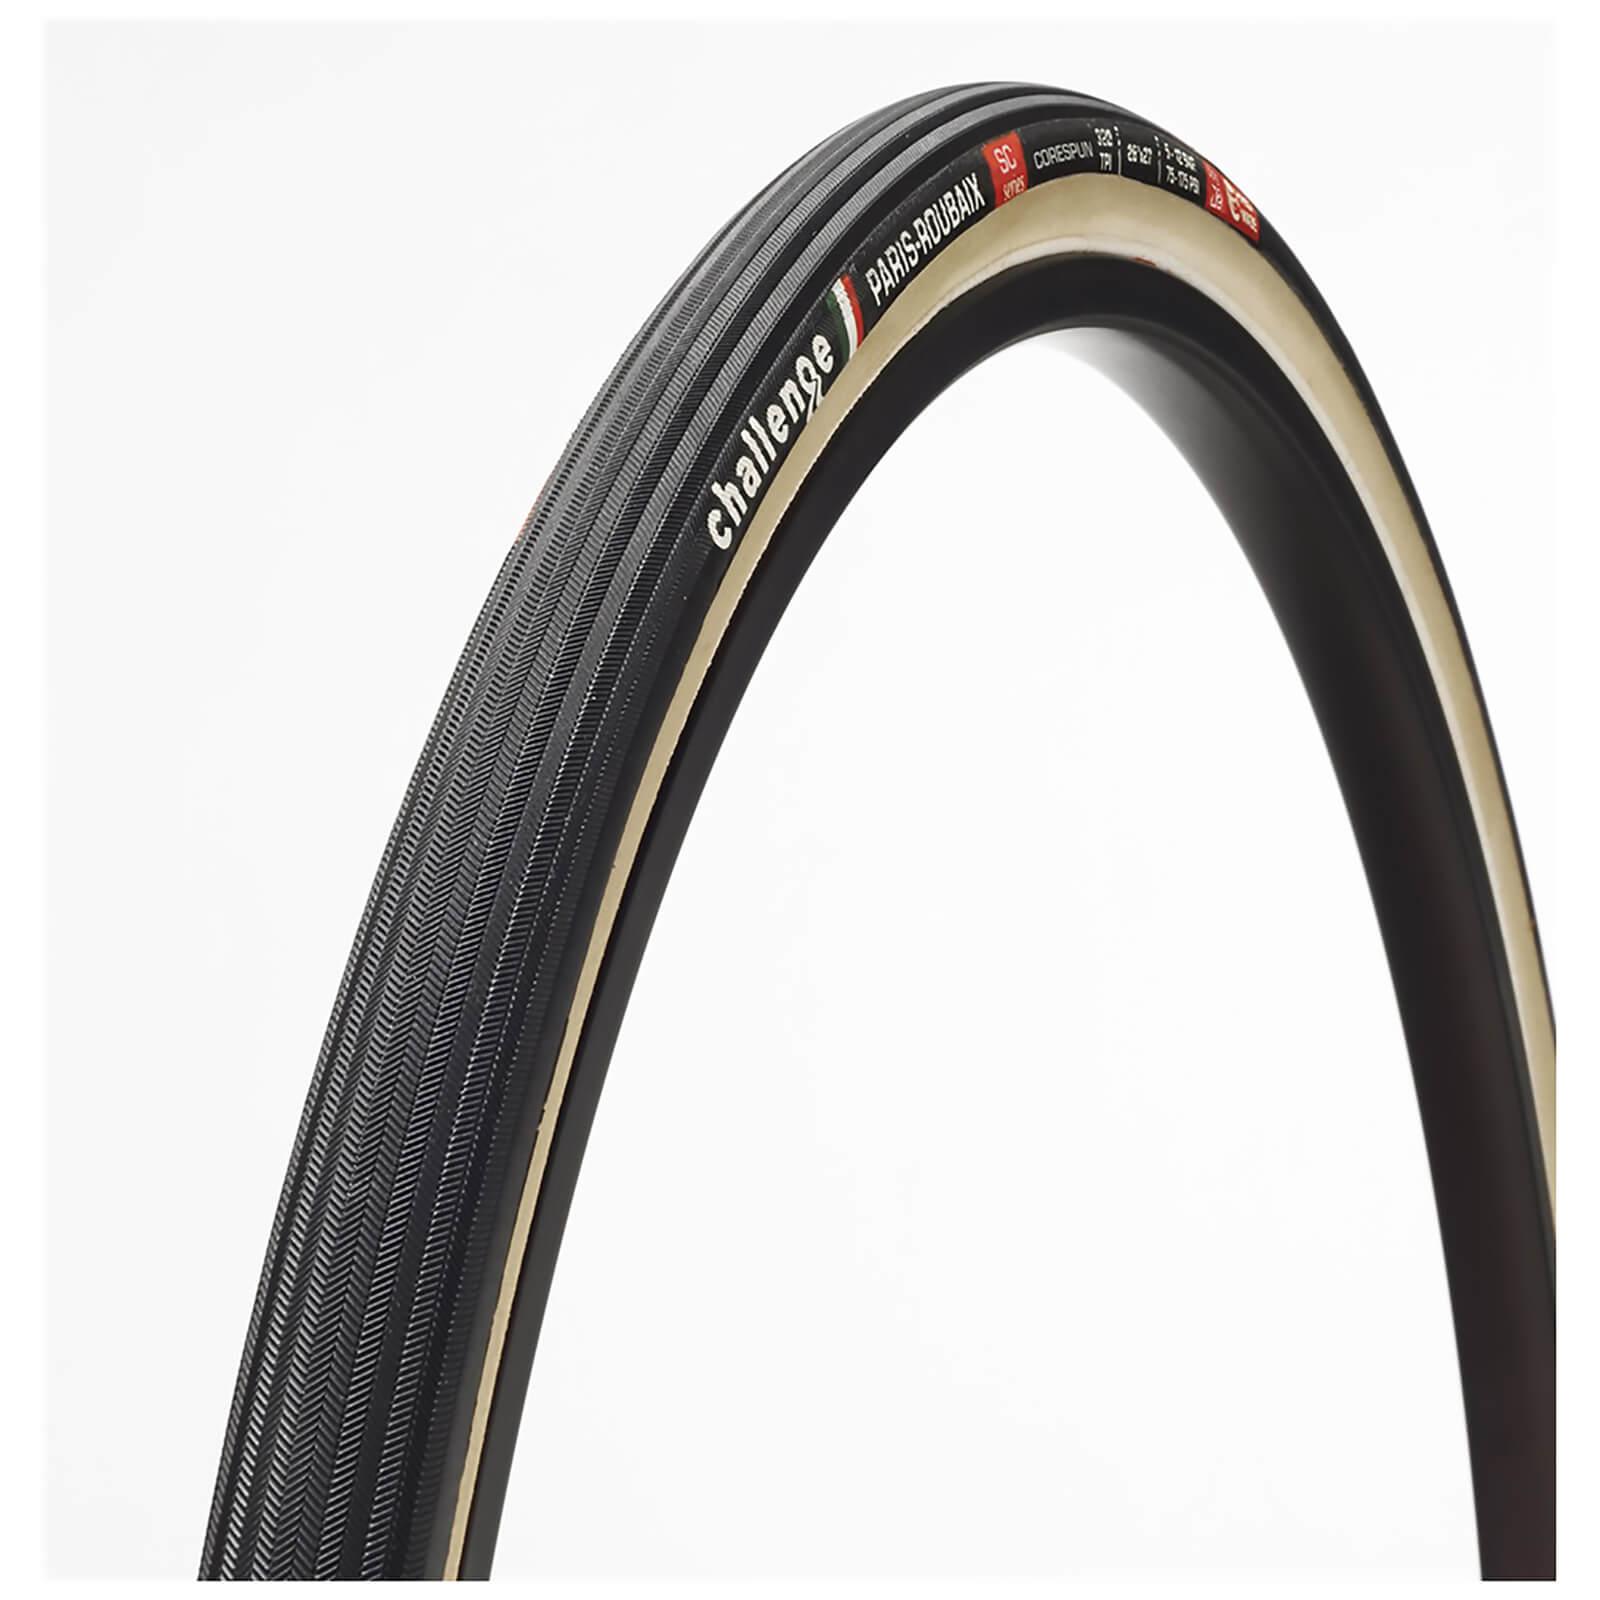 Challenge Paris Roubaix SC S 320 TPI Clincher Road Tyre - 700c x 27mm